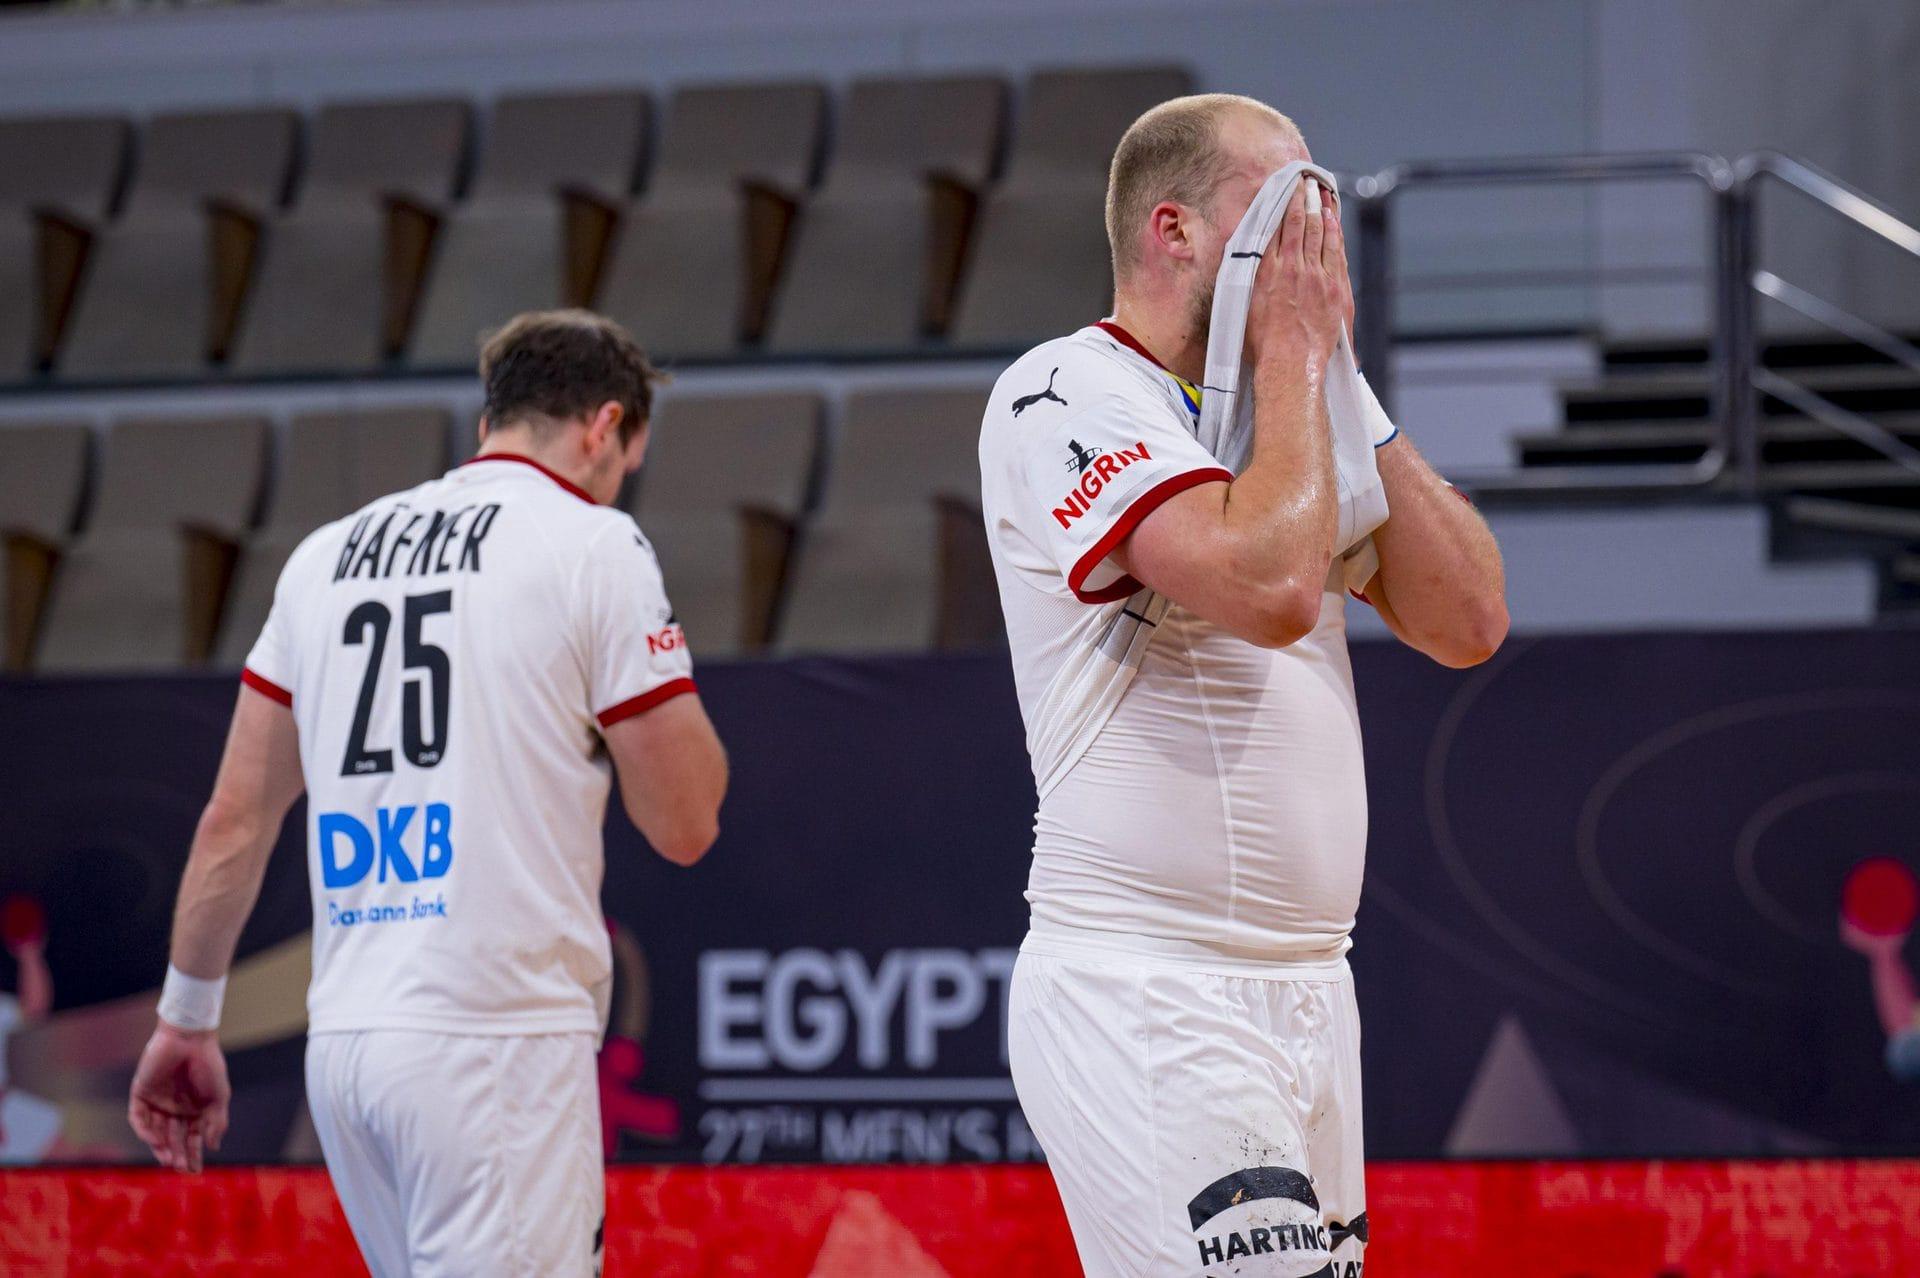 Deutschen Handballern bleibt Minimalchance WM in Ägypten